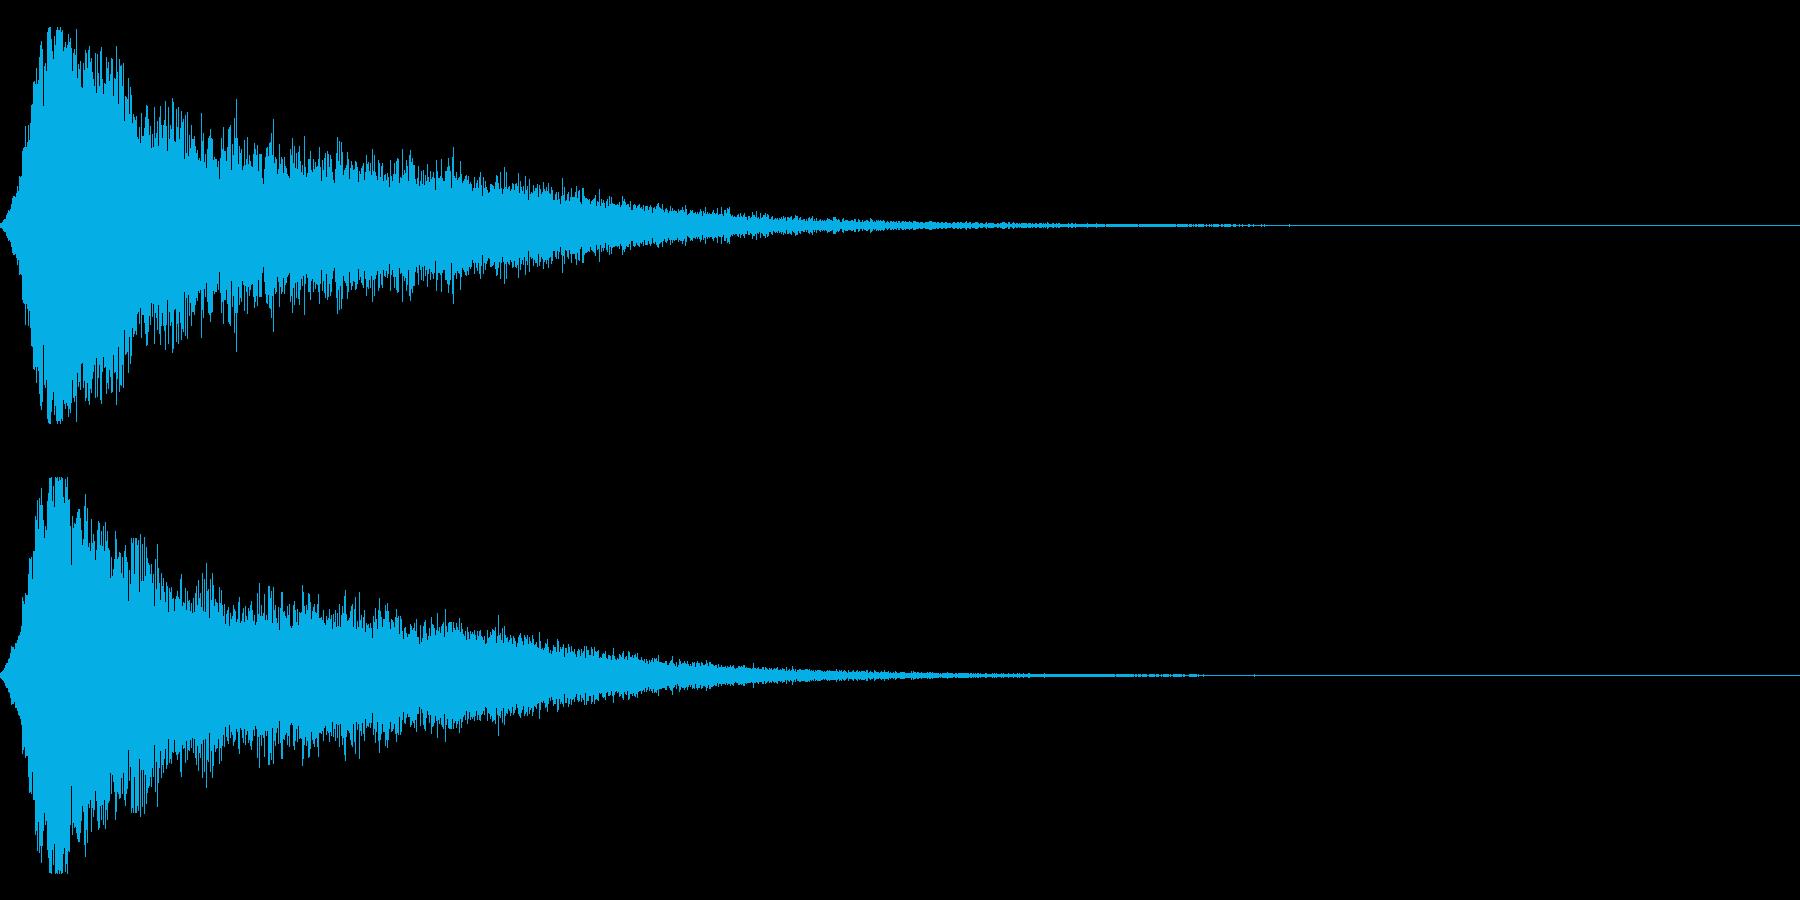 シャキーン キラーン☆強烈な輝きに!9vの再生済みの波形